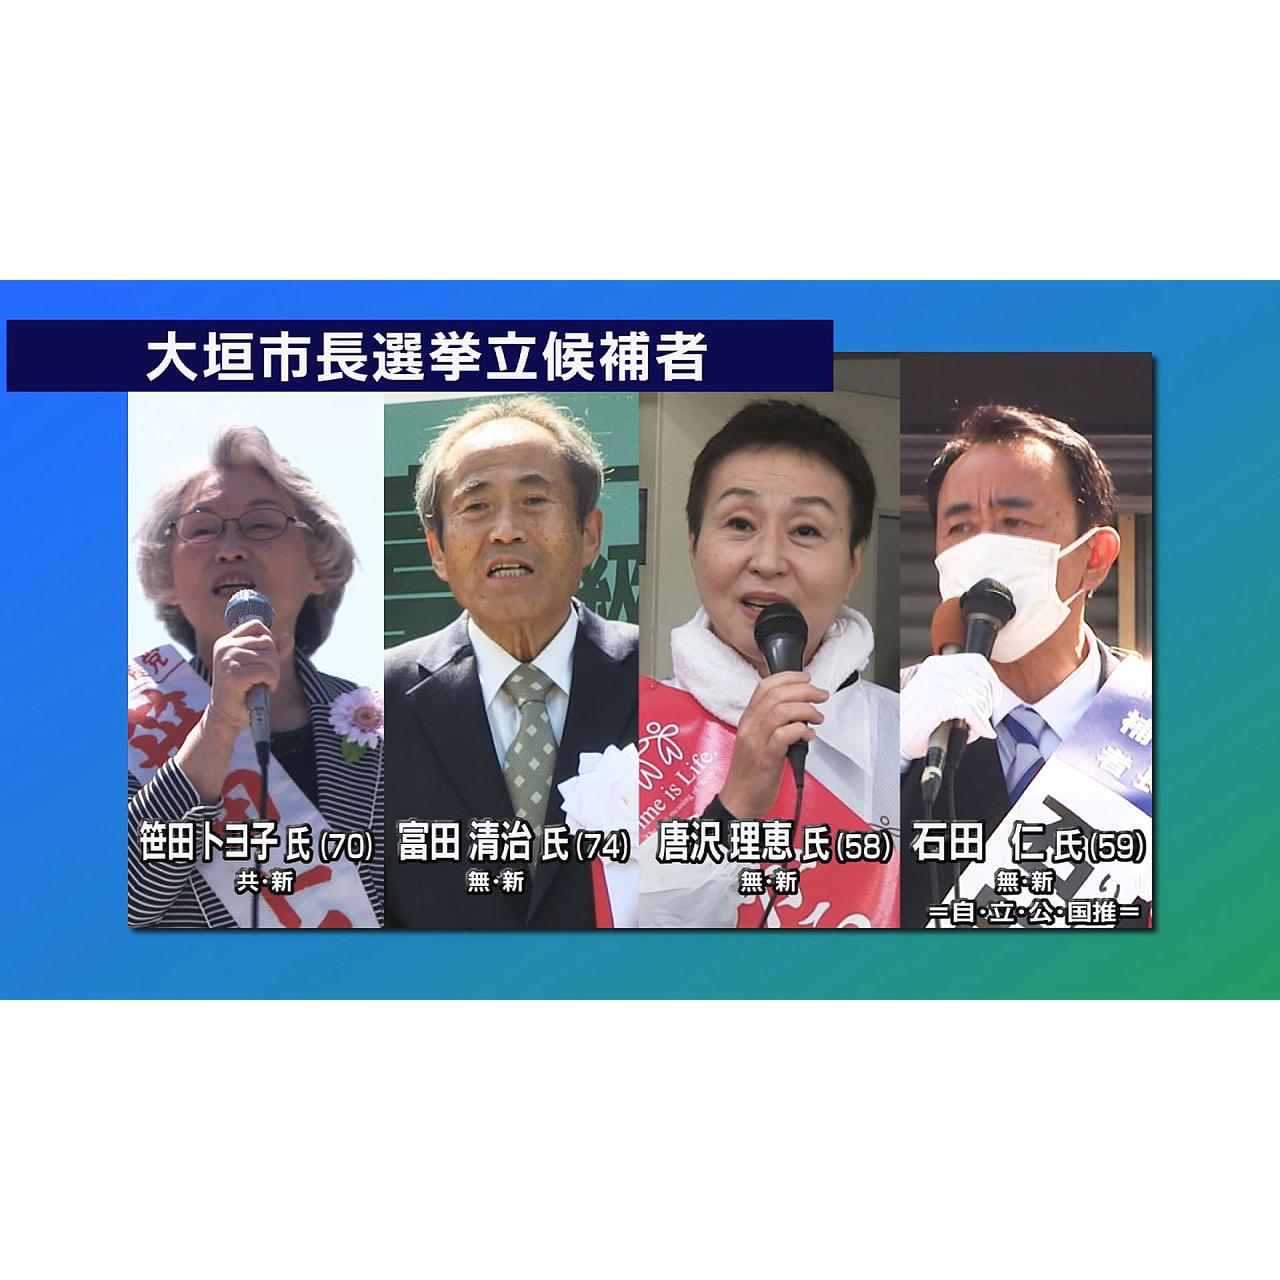 18日に投開票される大垣市の市長選挙では、新人4人が連日、舌戦を繰り広げています...